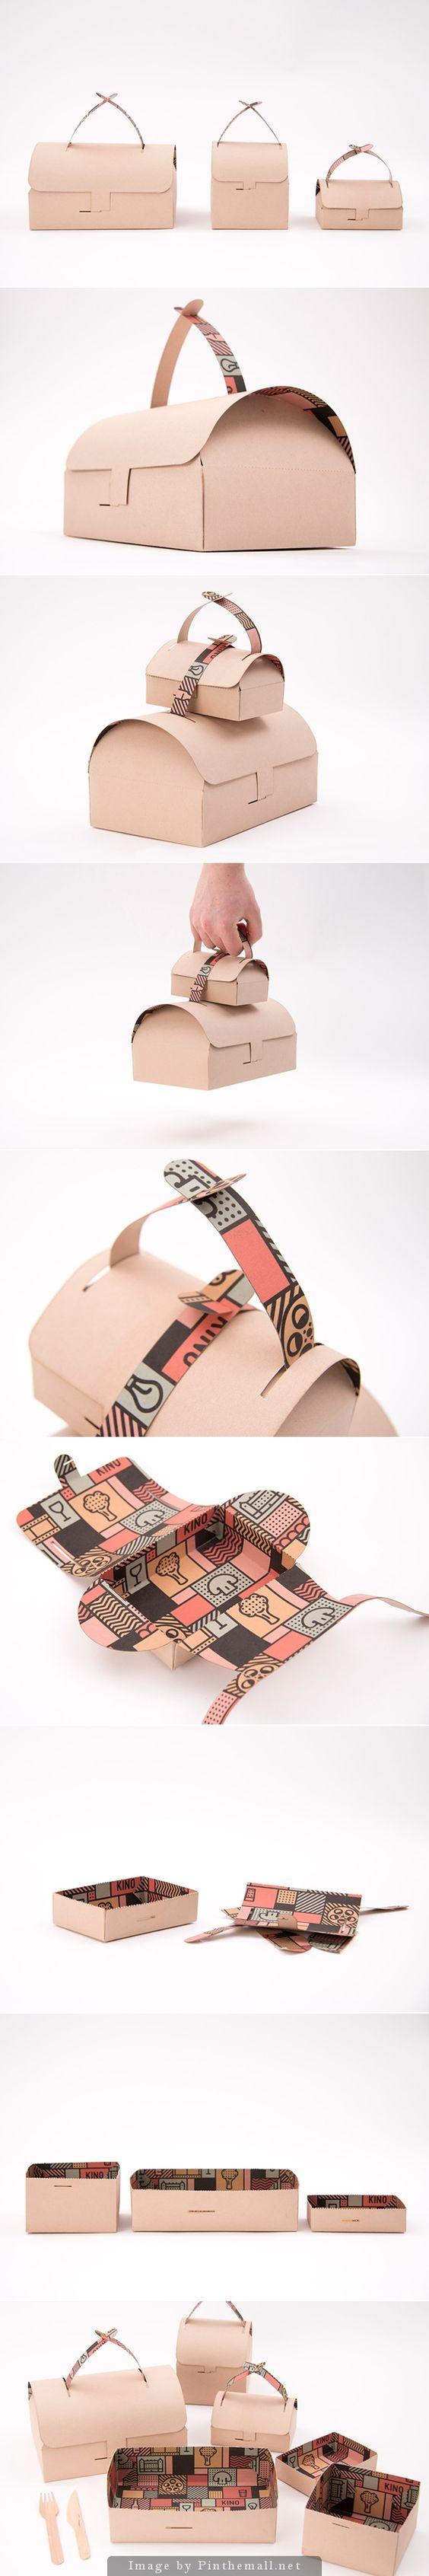 KINO Takeaway designed by Gustav Karlsson. I like it #packaging PD